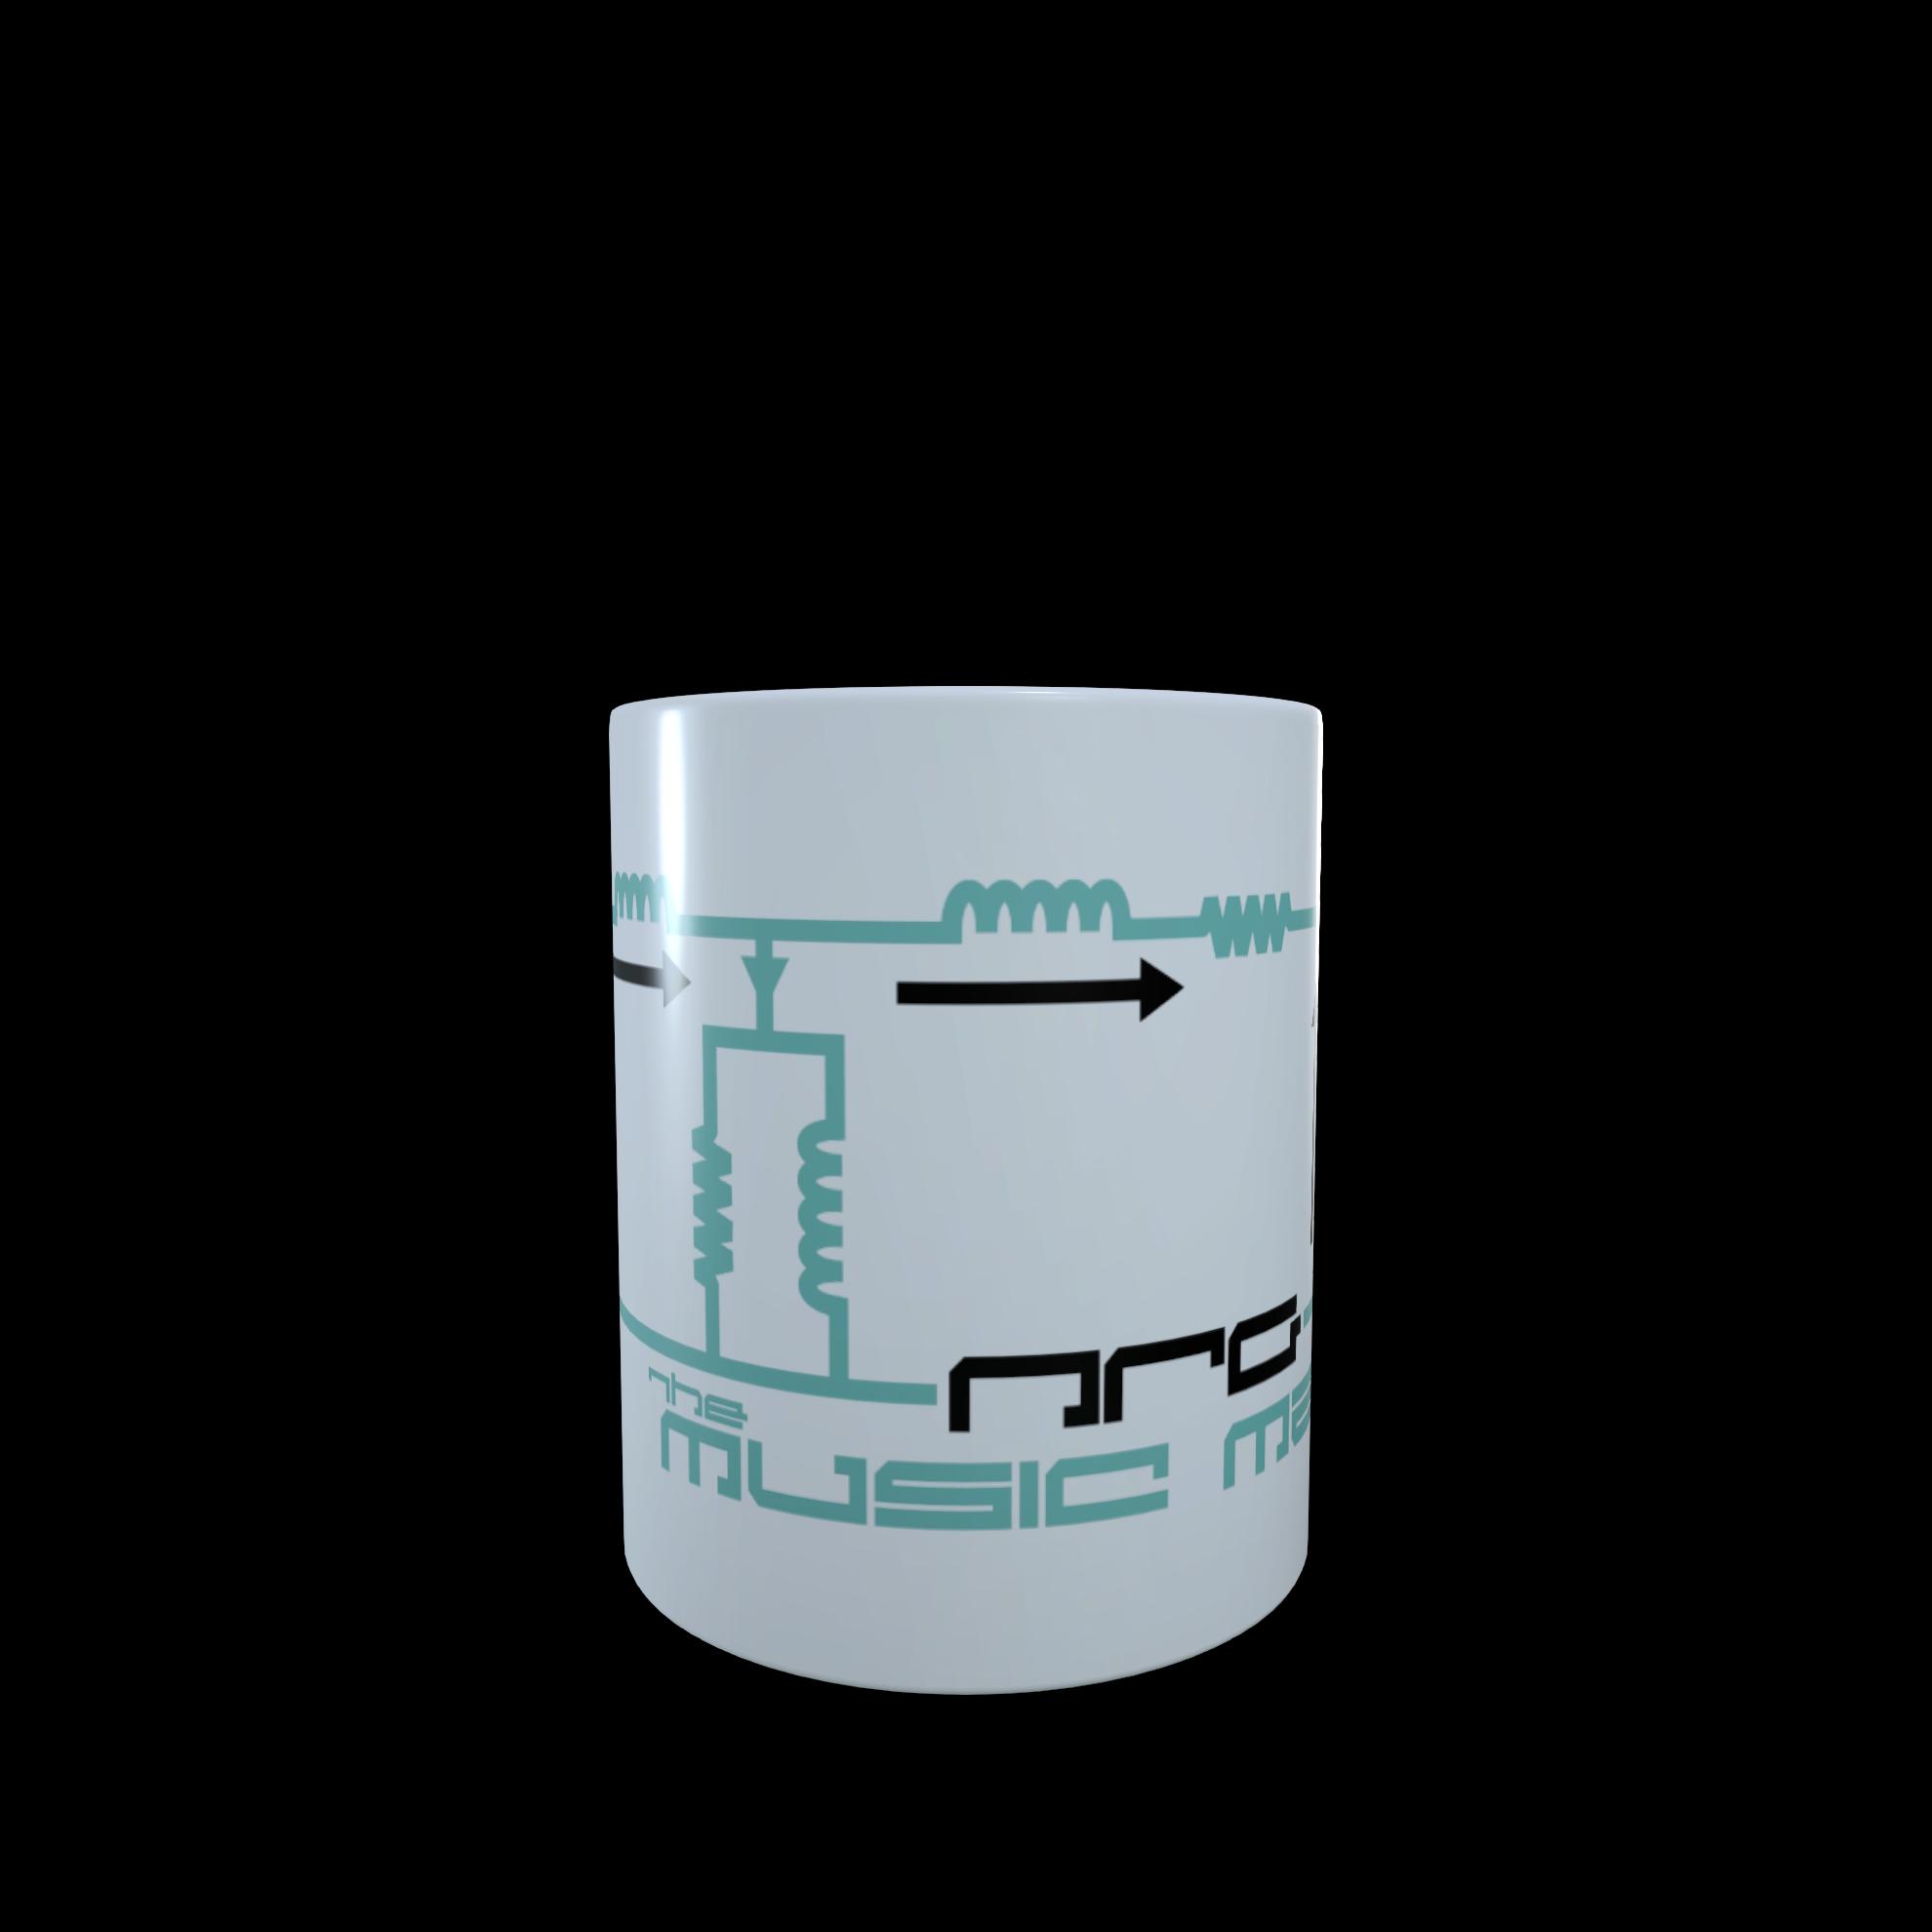 NRG 'Circuit' Mug